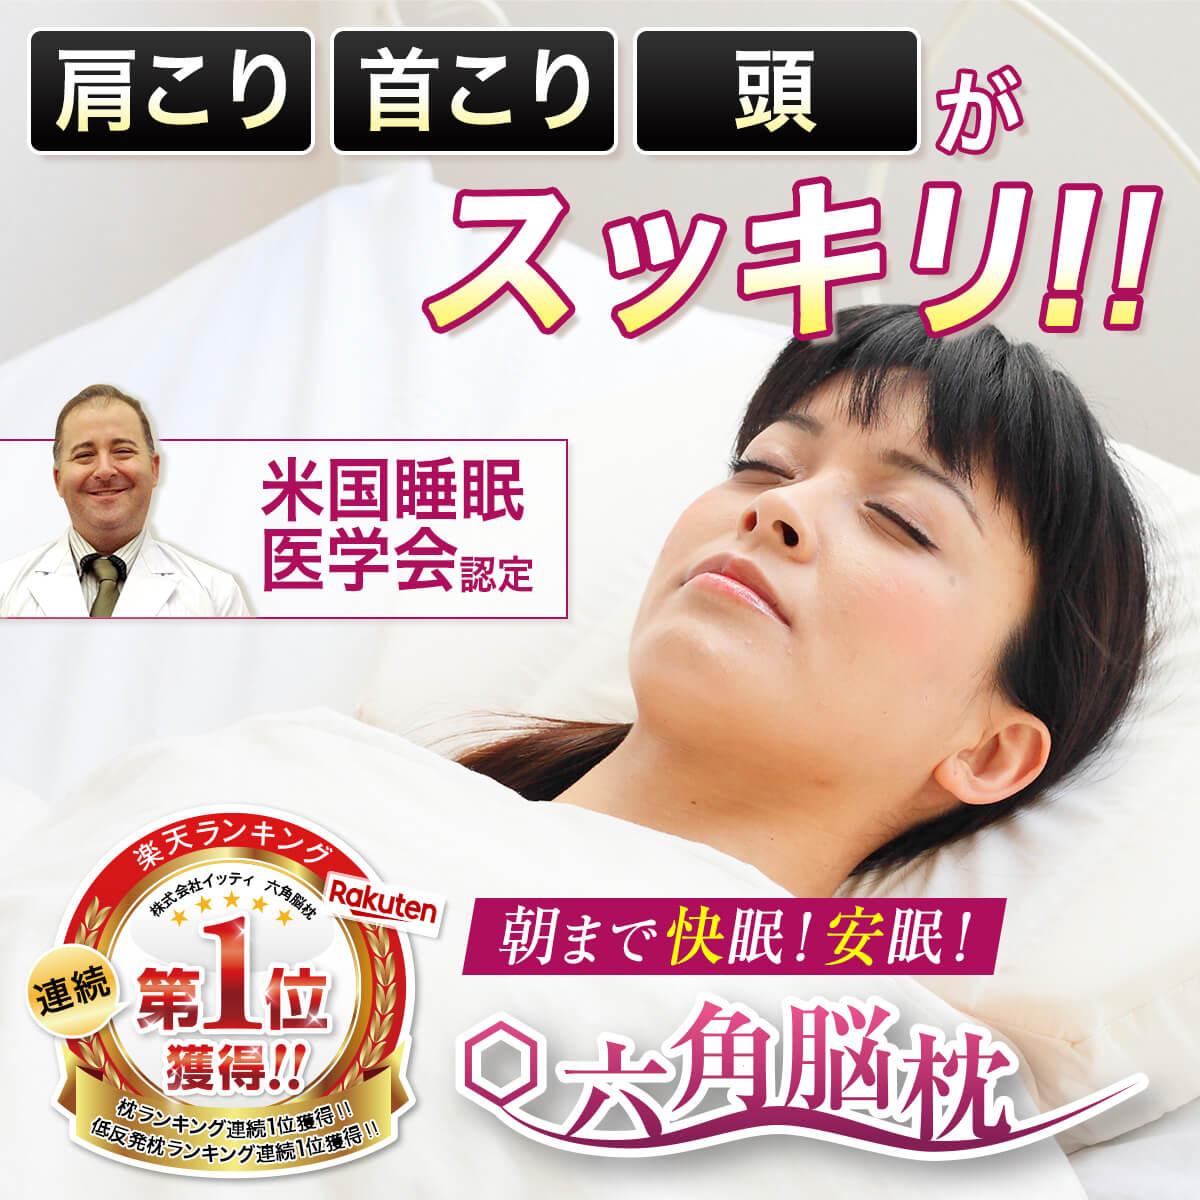 六角脳枕快眠安眠肩こり首こり頭痛低反発睡眠検査技師認定!送料無料あす楽【メーカー公式】